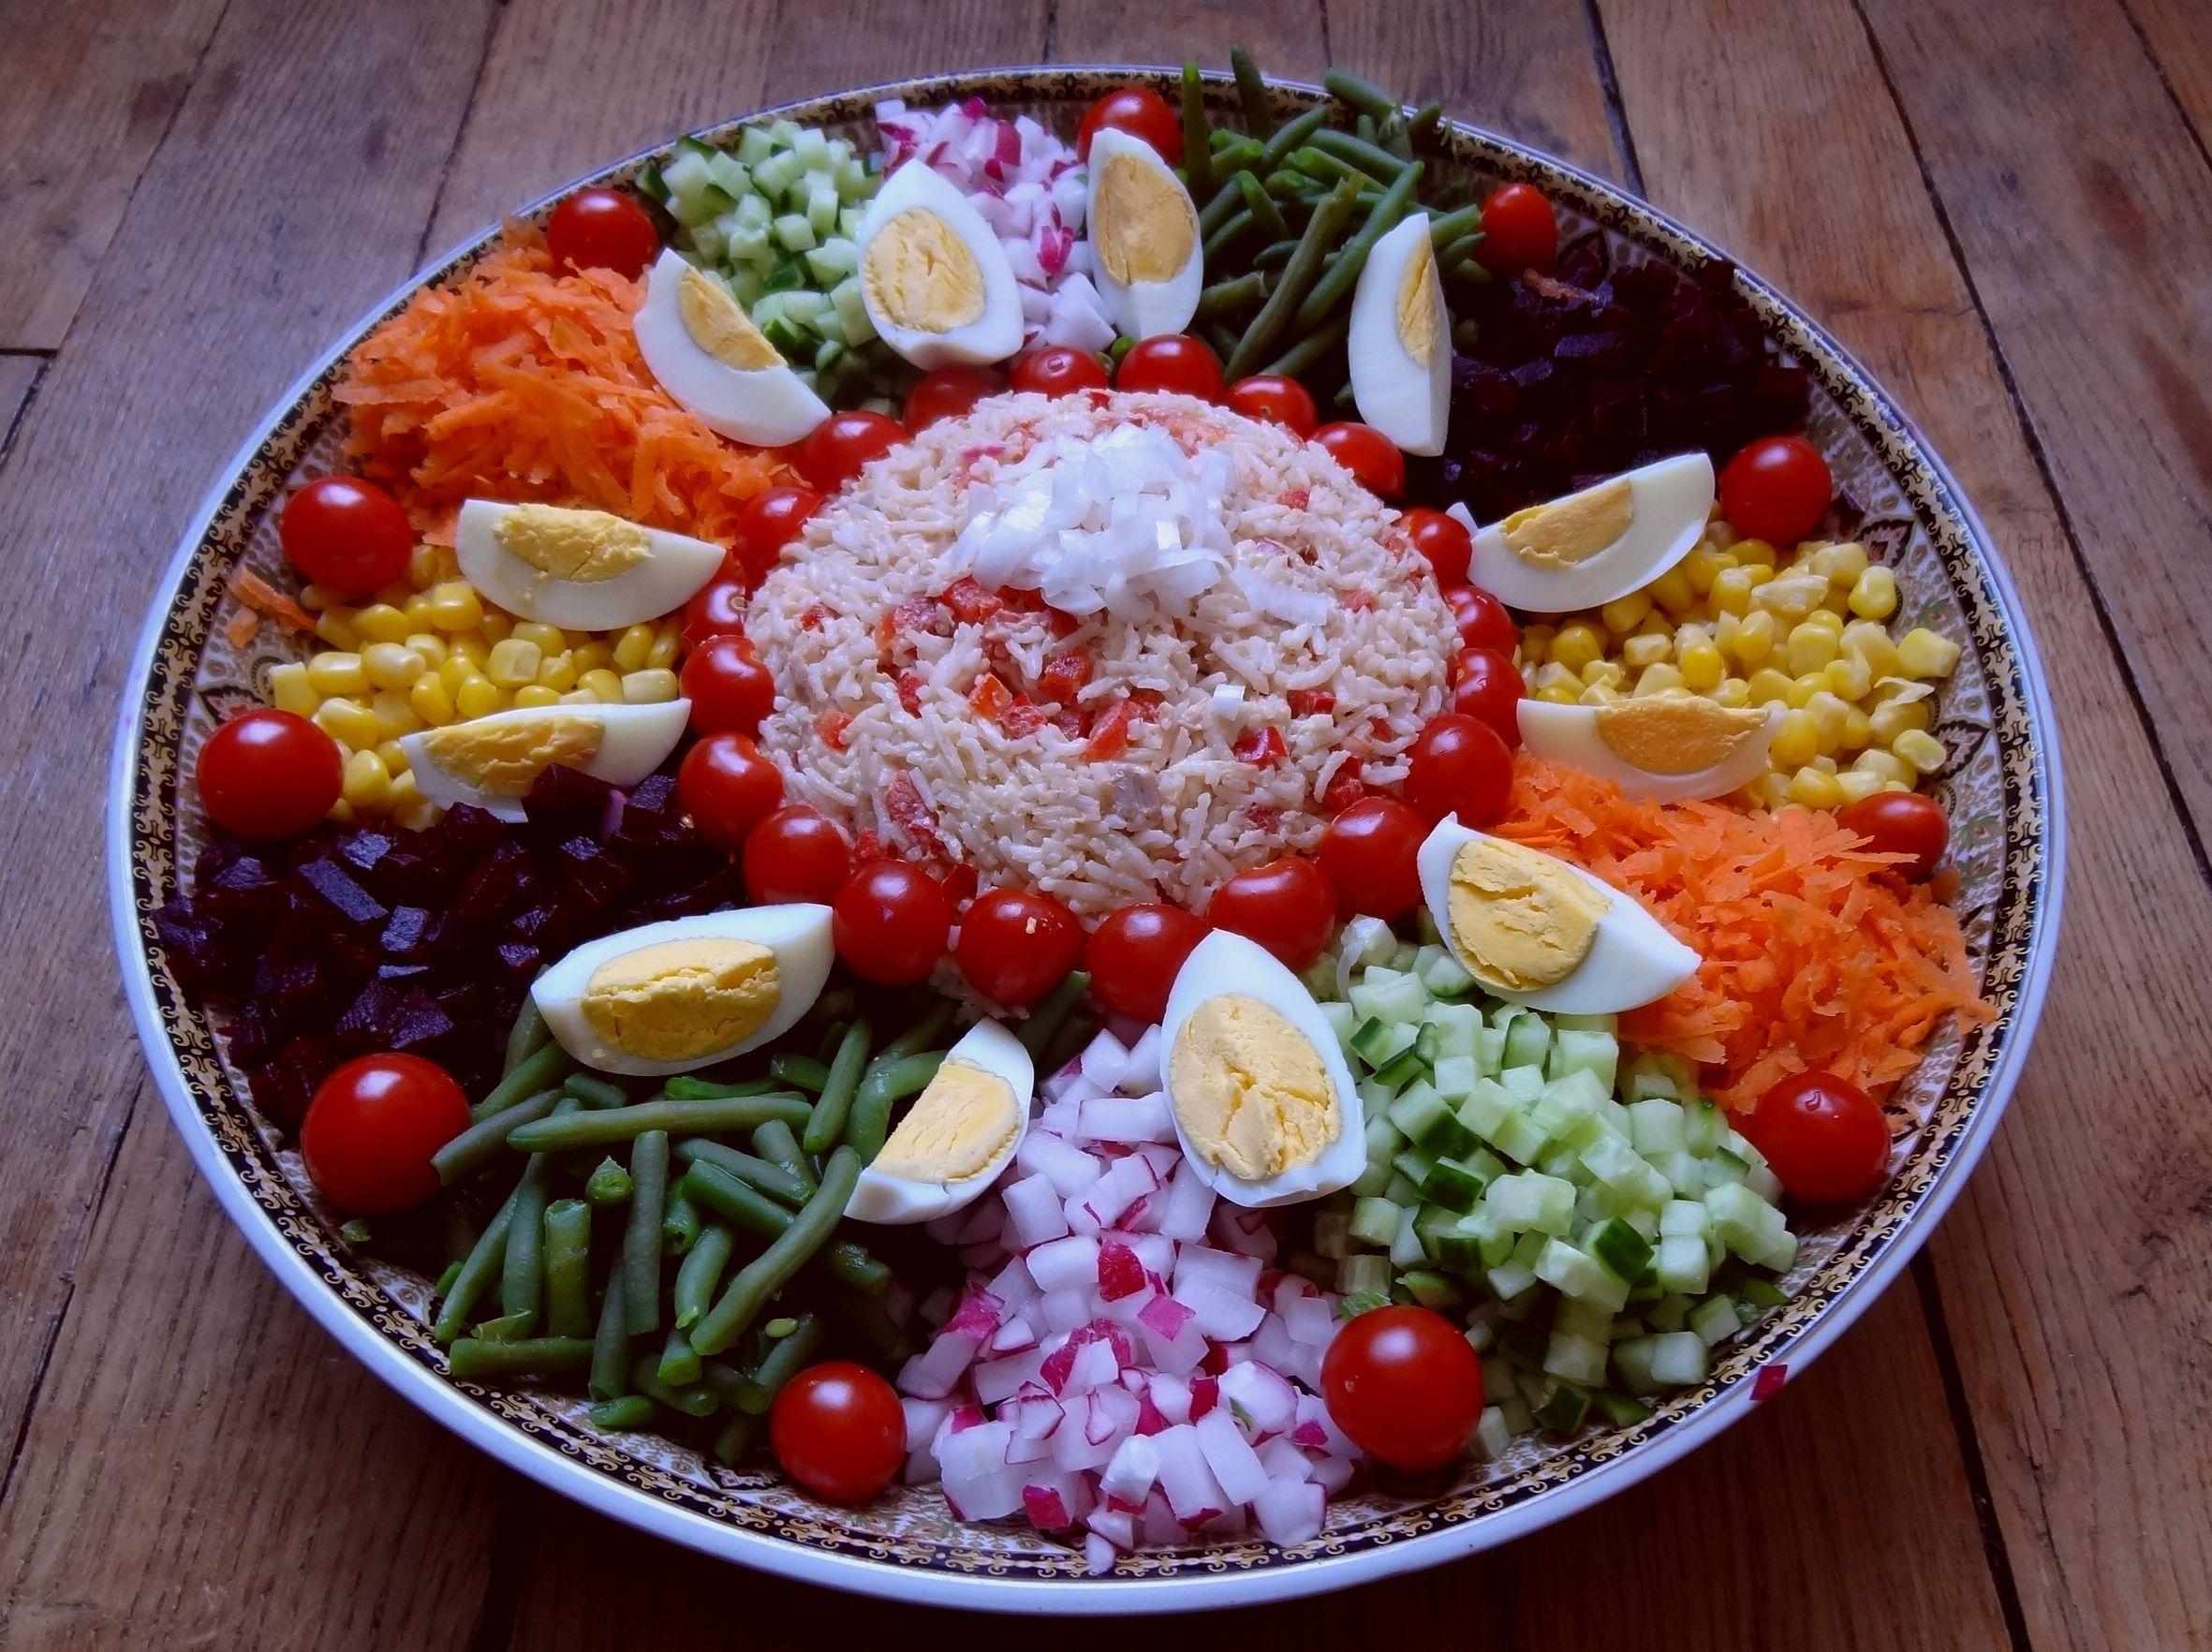 Salade Marocaine Maroc Moroccan Salad Salad Salad Buffet